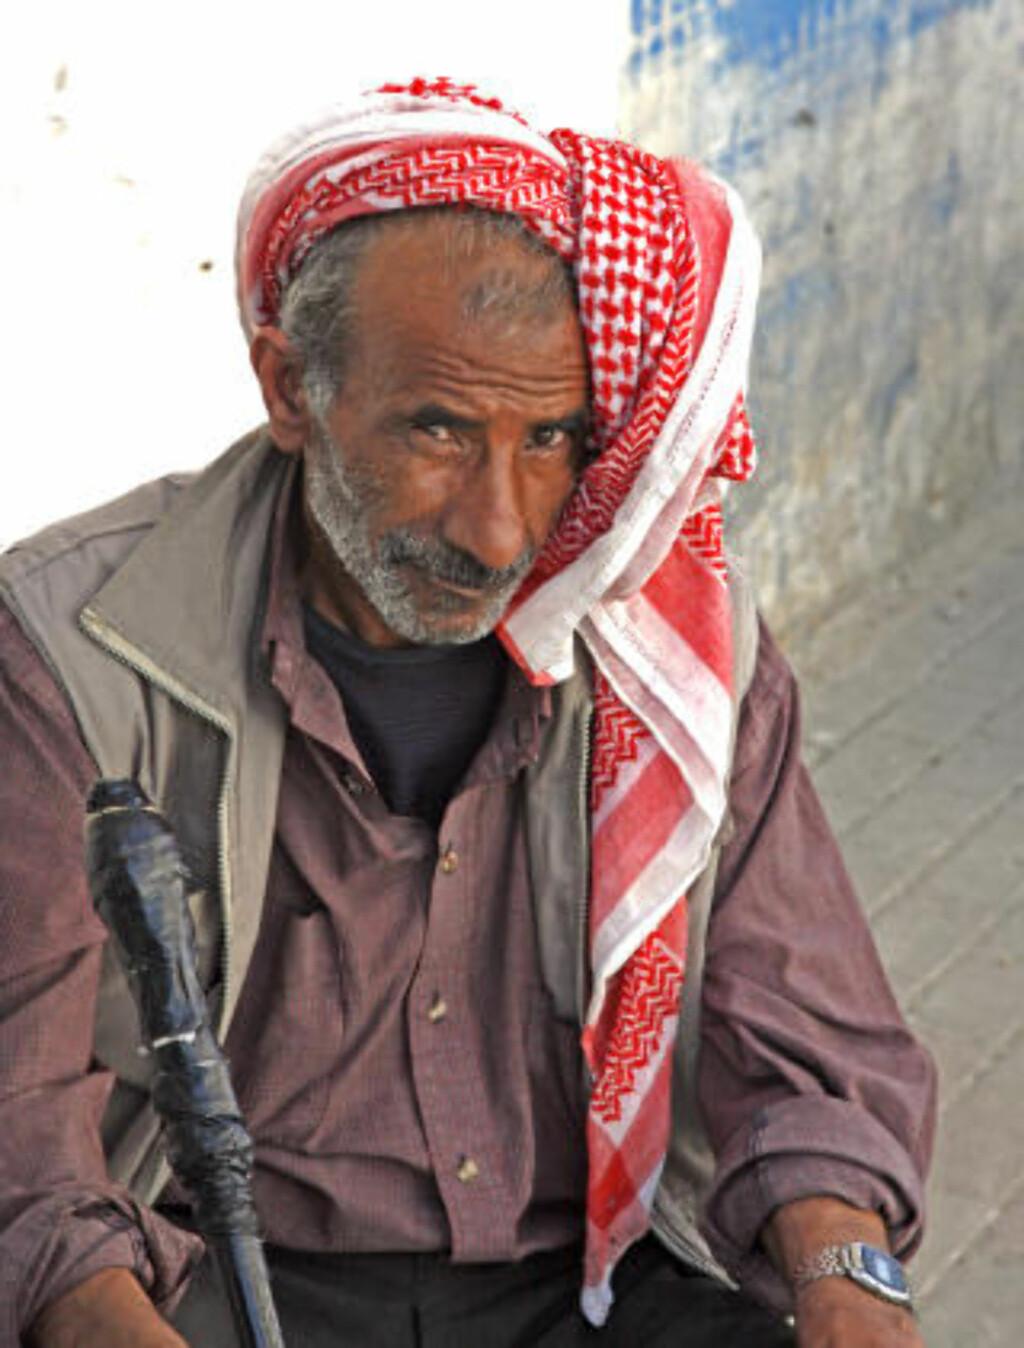 KULTUR: Overalt i Jordan møter du mennesker som både er vennlige og nysgjerrige på fremmedfolk.